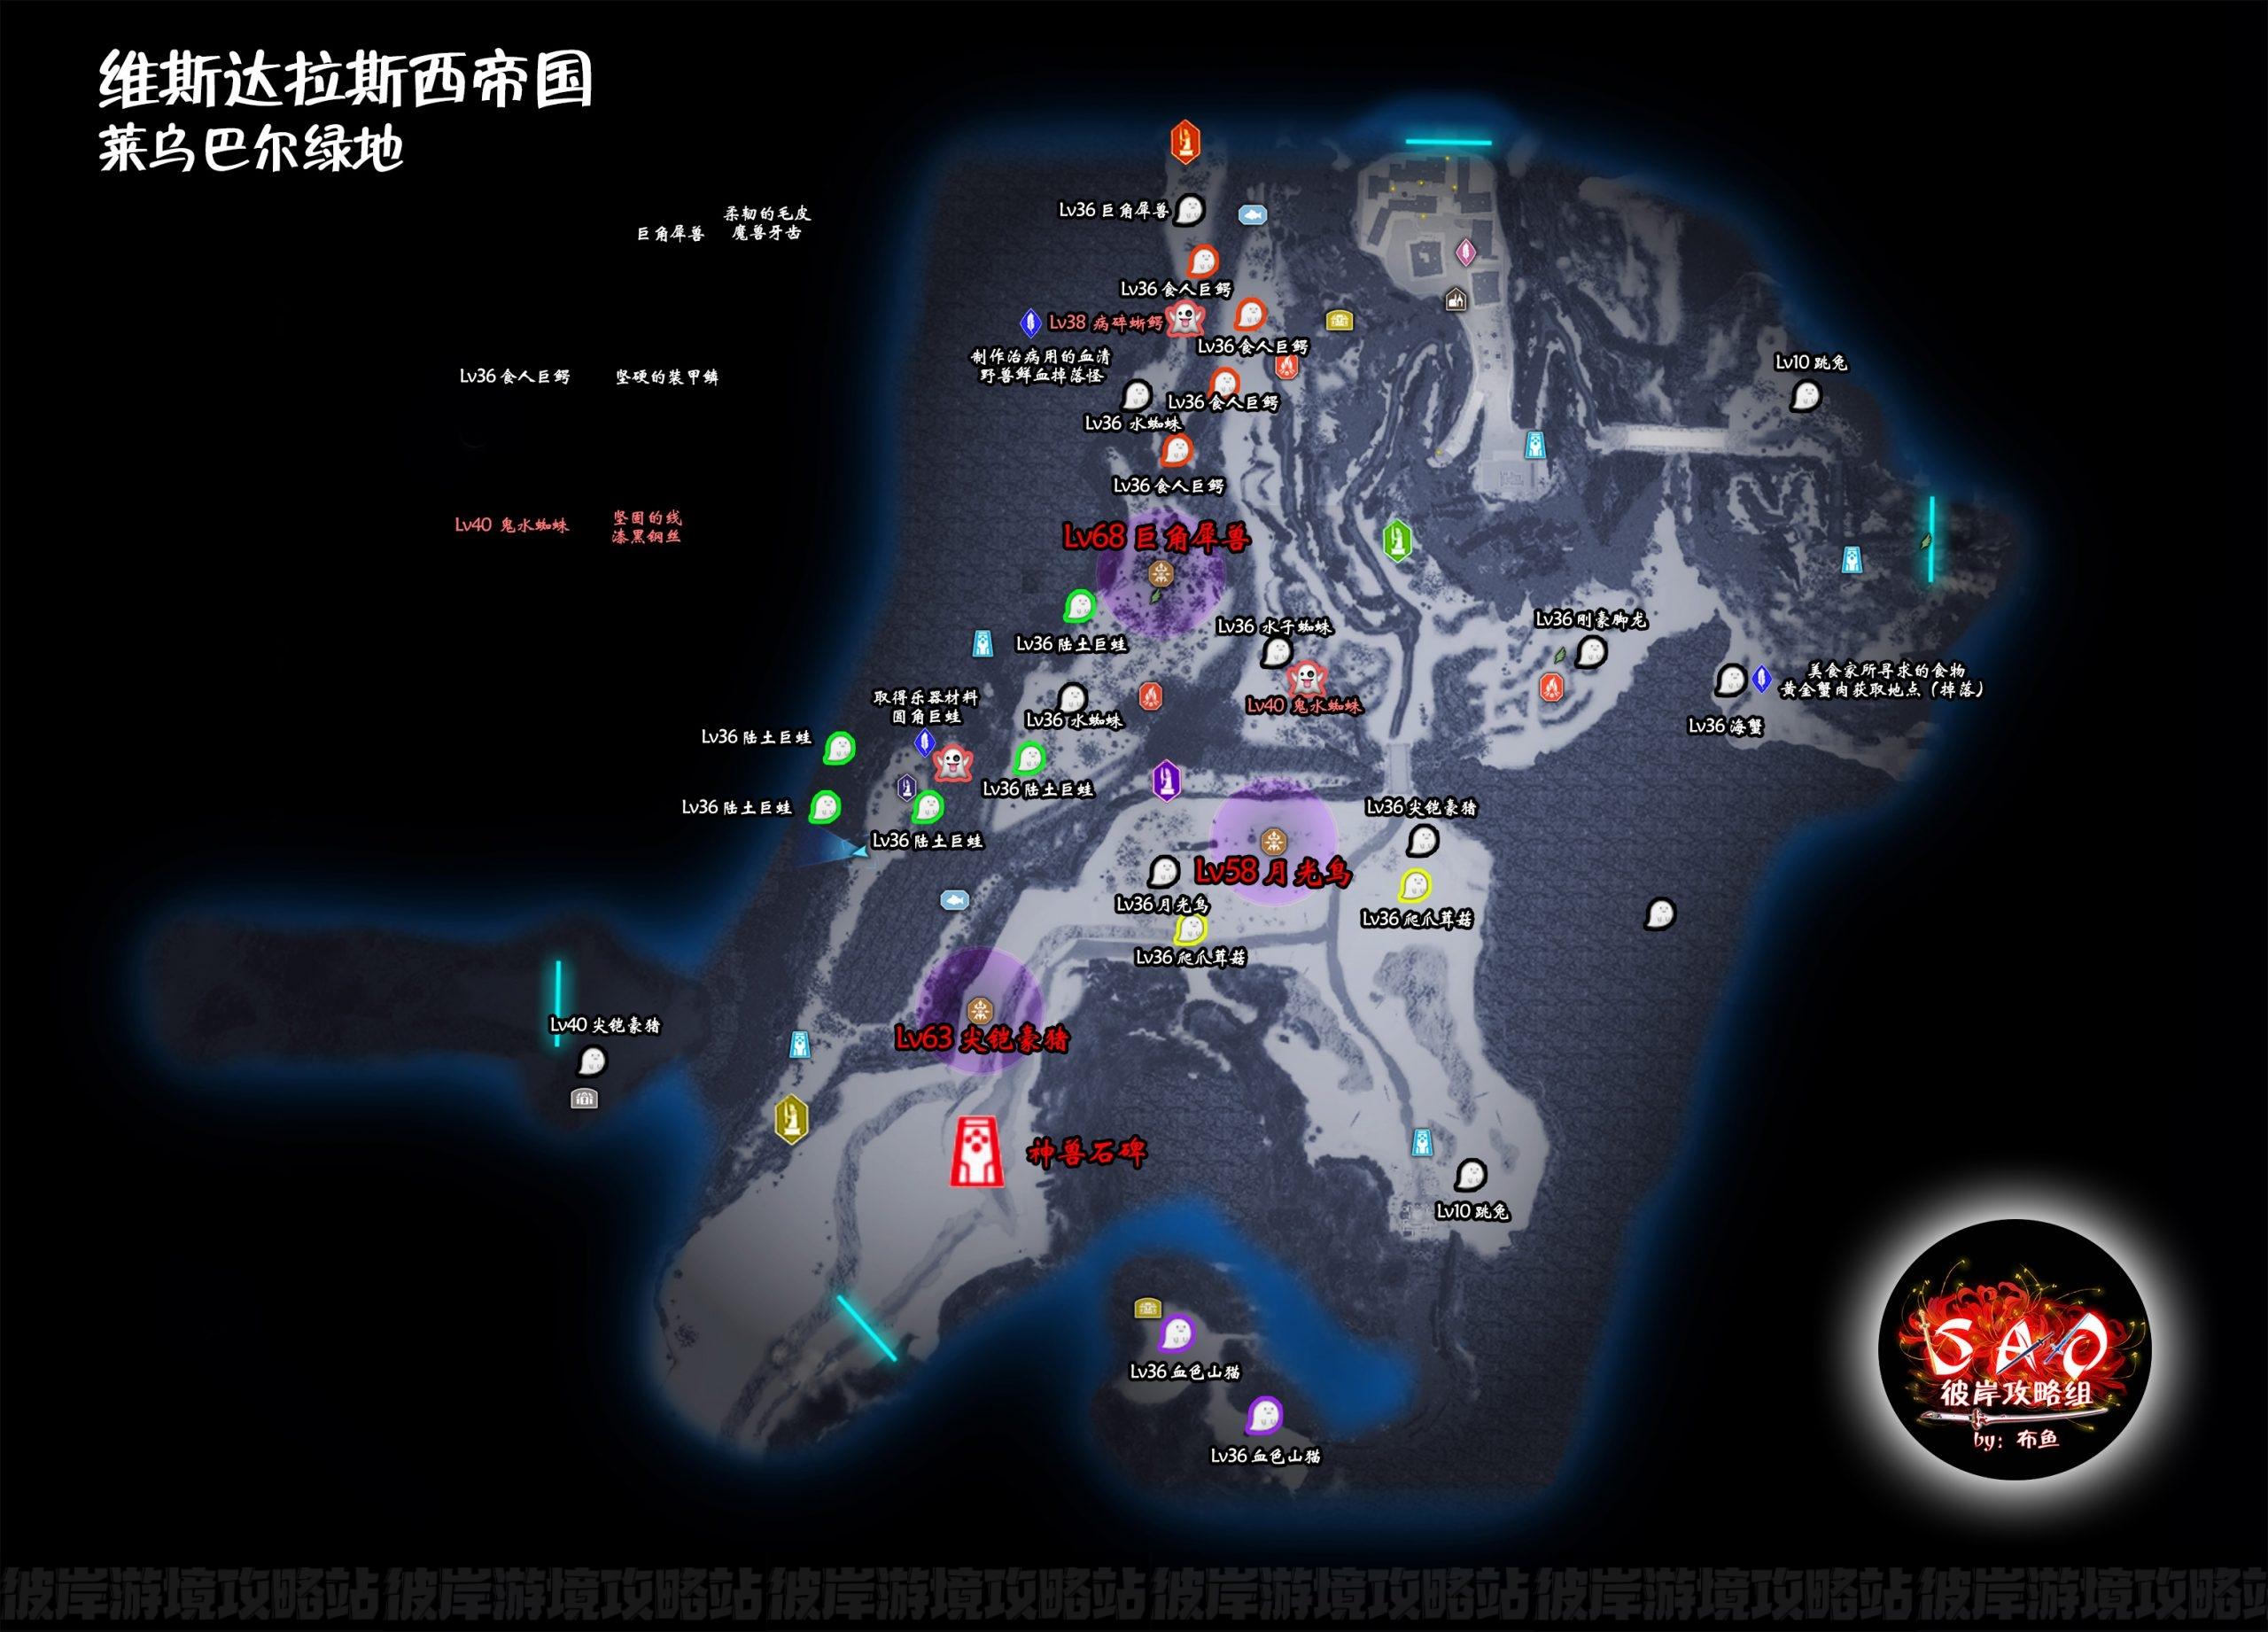 【SAOAL攻略组】超完全流程地图攻略及新手指引-莱乌巴尔绿地篇-刀剑神域彼岸游境攻略站